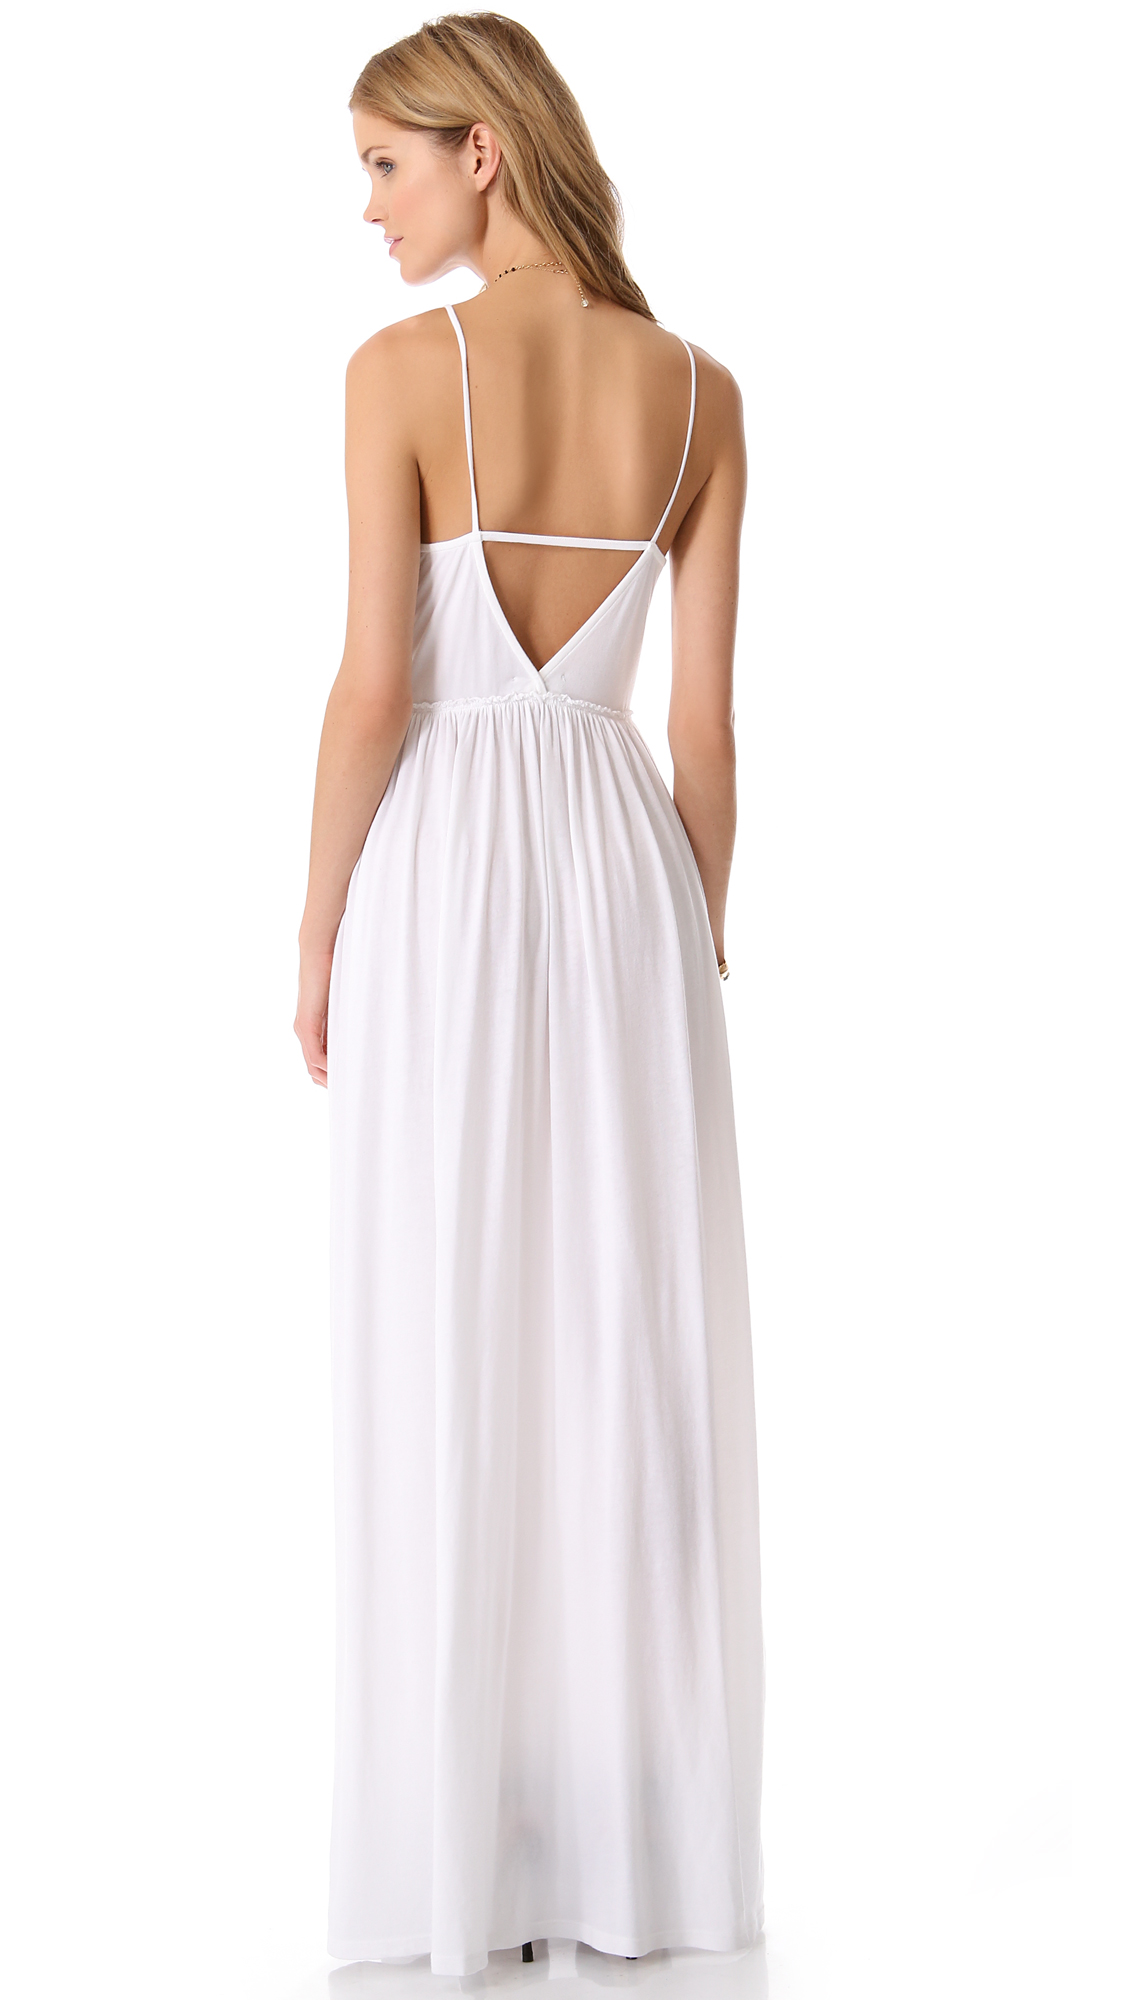 Maxi white beach dress